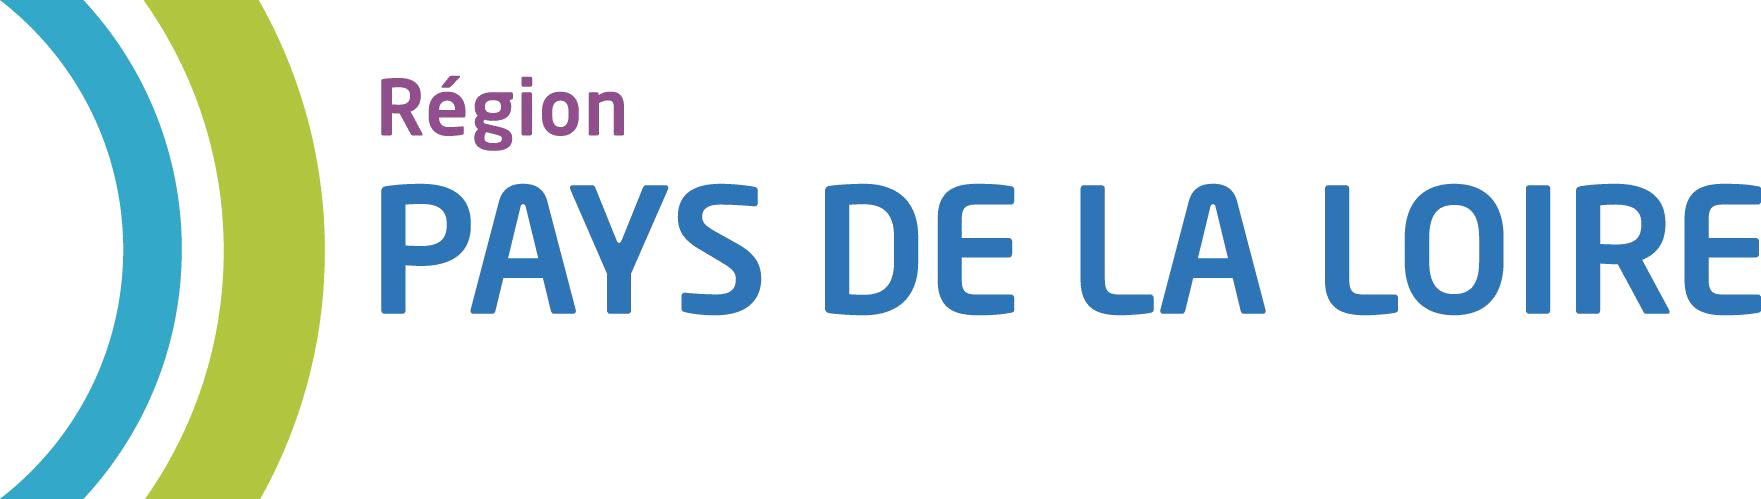 logo du pays de la loire